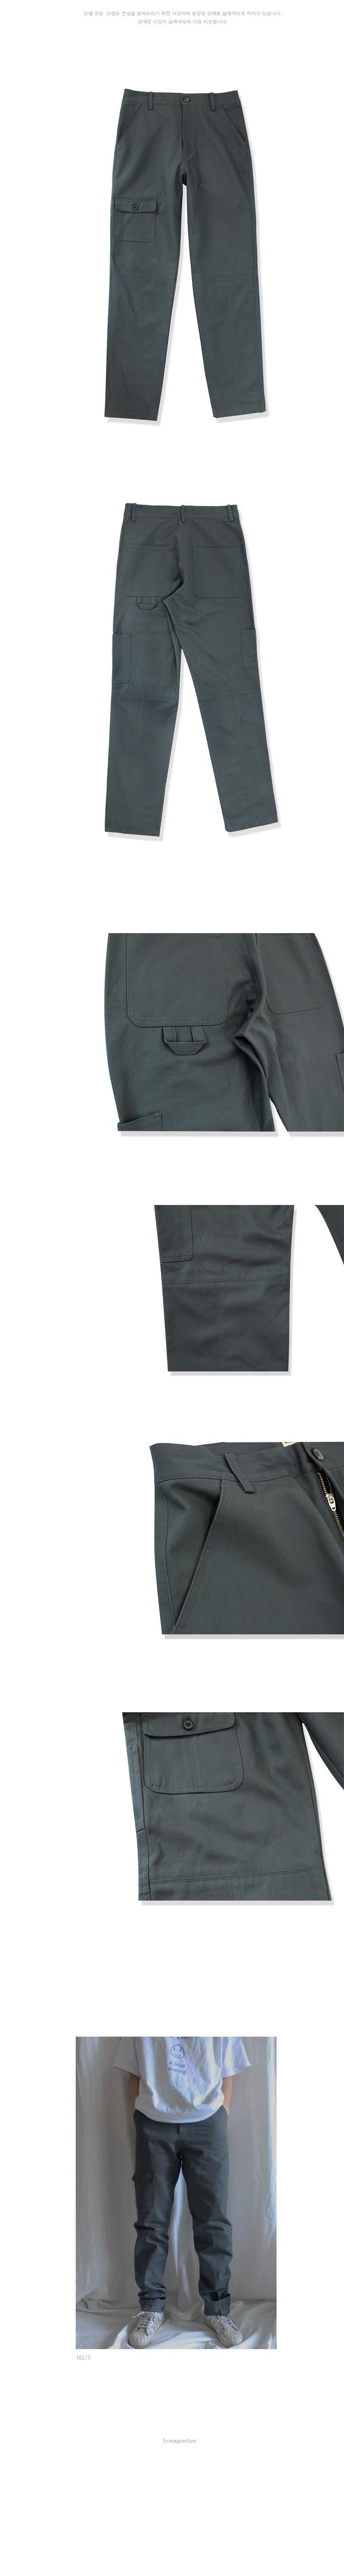 누아네임(NUANAME) 5P16 (regular tapered fit work pants g.g)